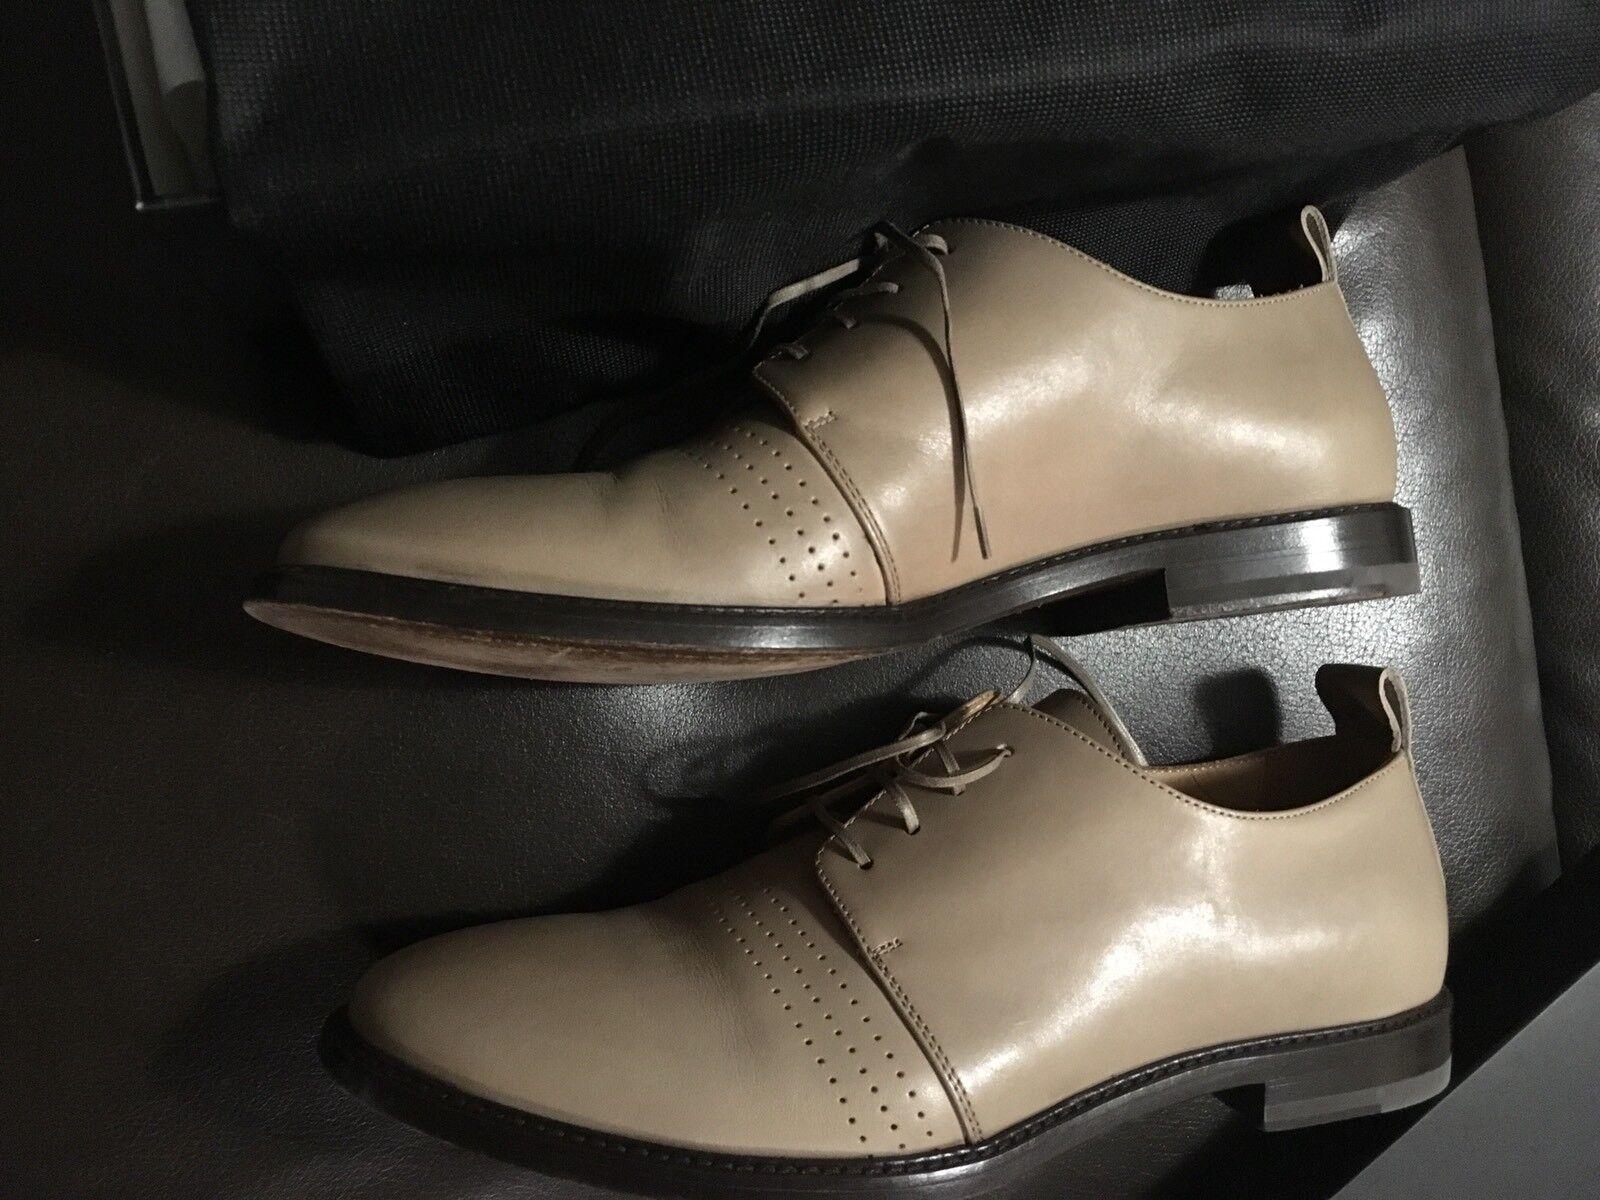 Strenesse Herren Schuhe Casual Echtleder Echtleder Echtleder Vollleder Gr. 42 44,5 Italy bc5340